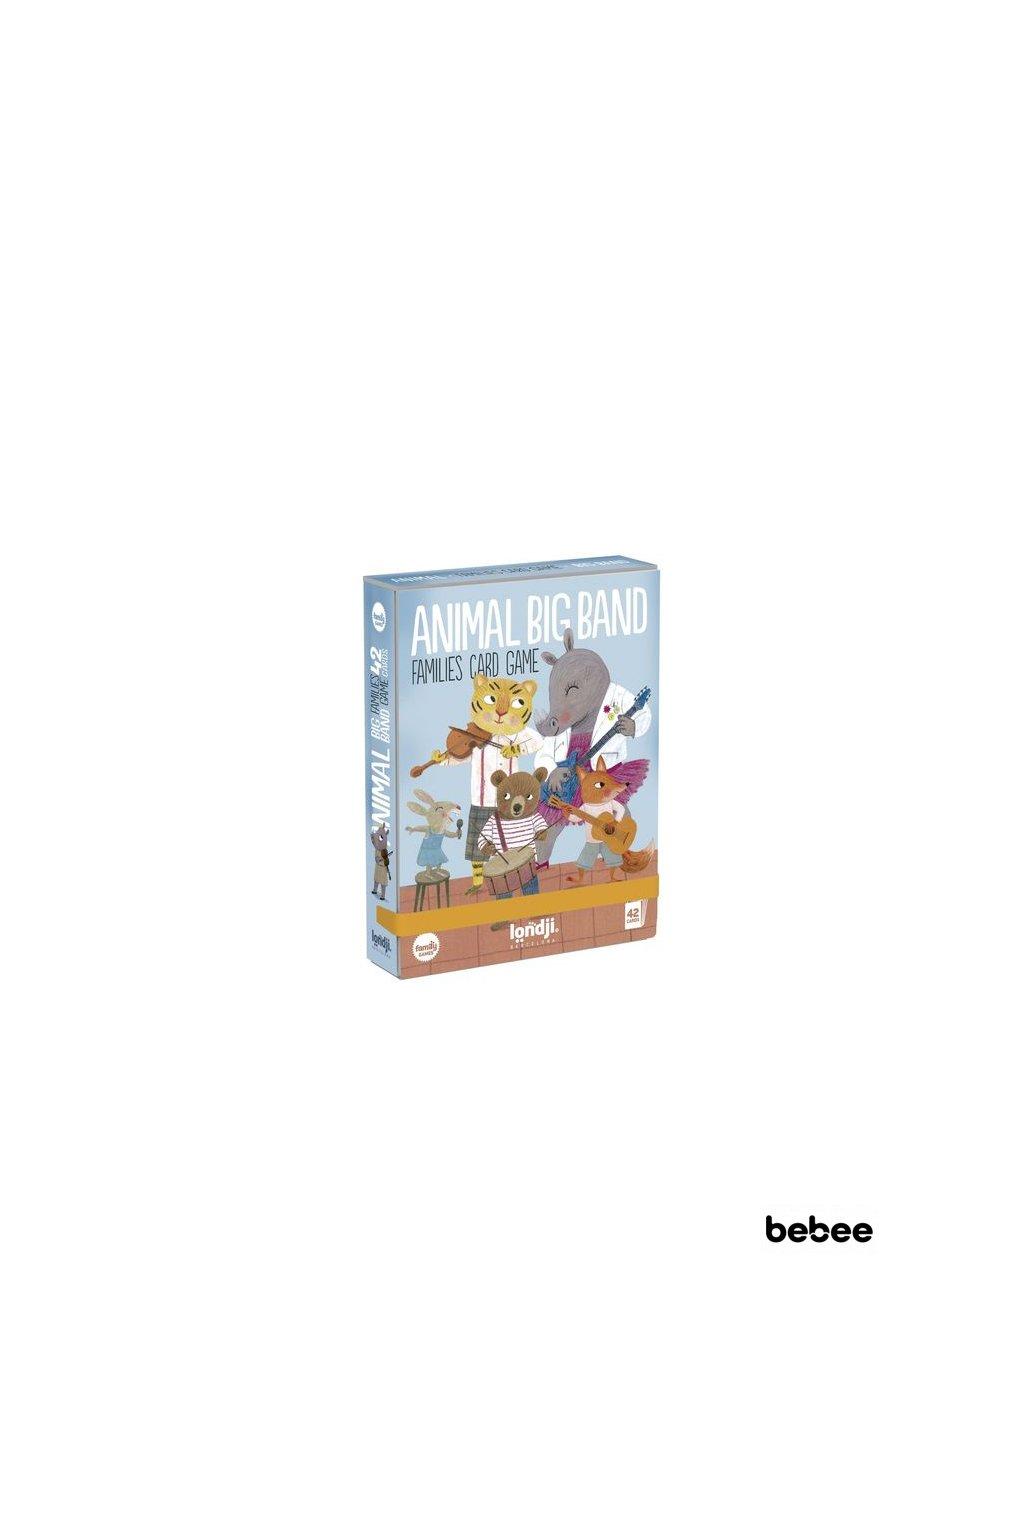 londji kartova hra zvieracia hudobna skupina 6373.thumb 466x466